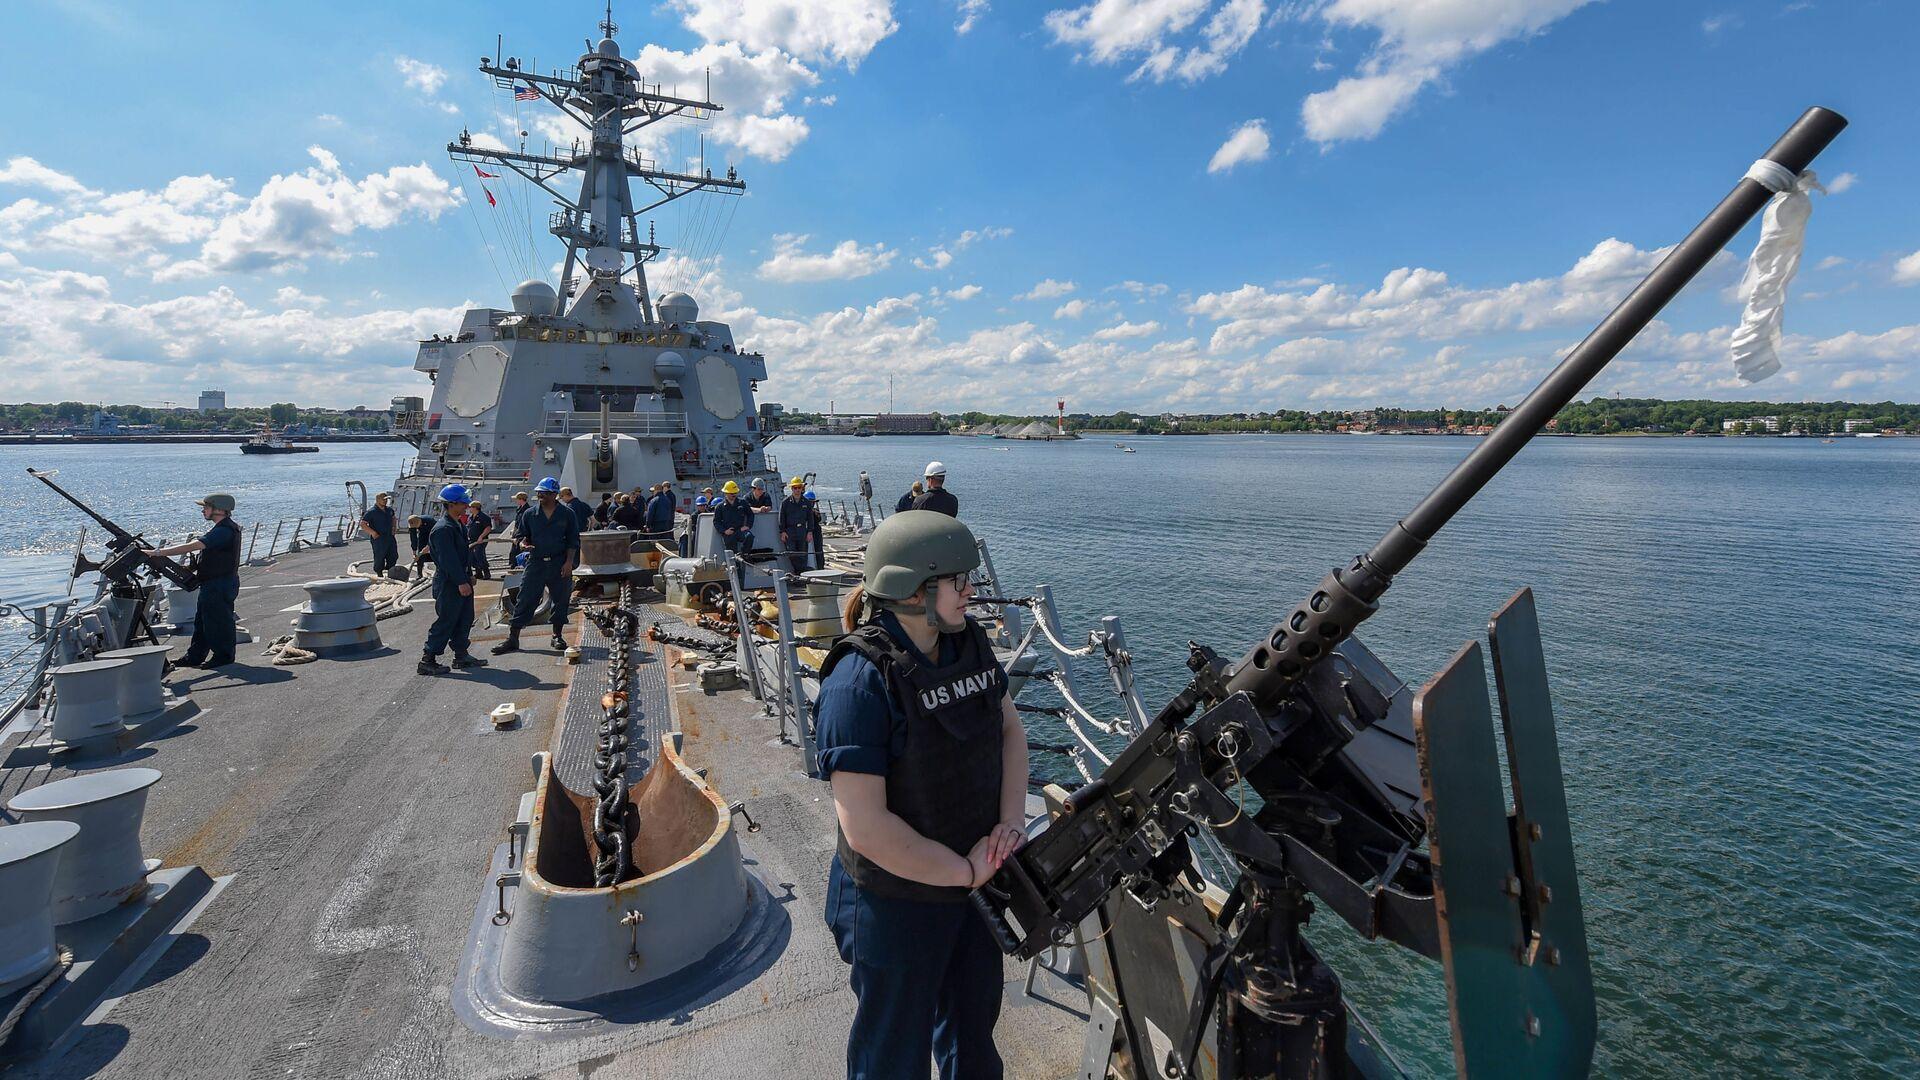 Ракетный эсминец USS Gravely отправляется из Киля (Германия) для участия в учениях НАТО BALTOPS - 2019, 9 июня 2019 года - Sputnik Латвия, 1920, 06.06.2021